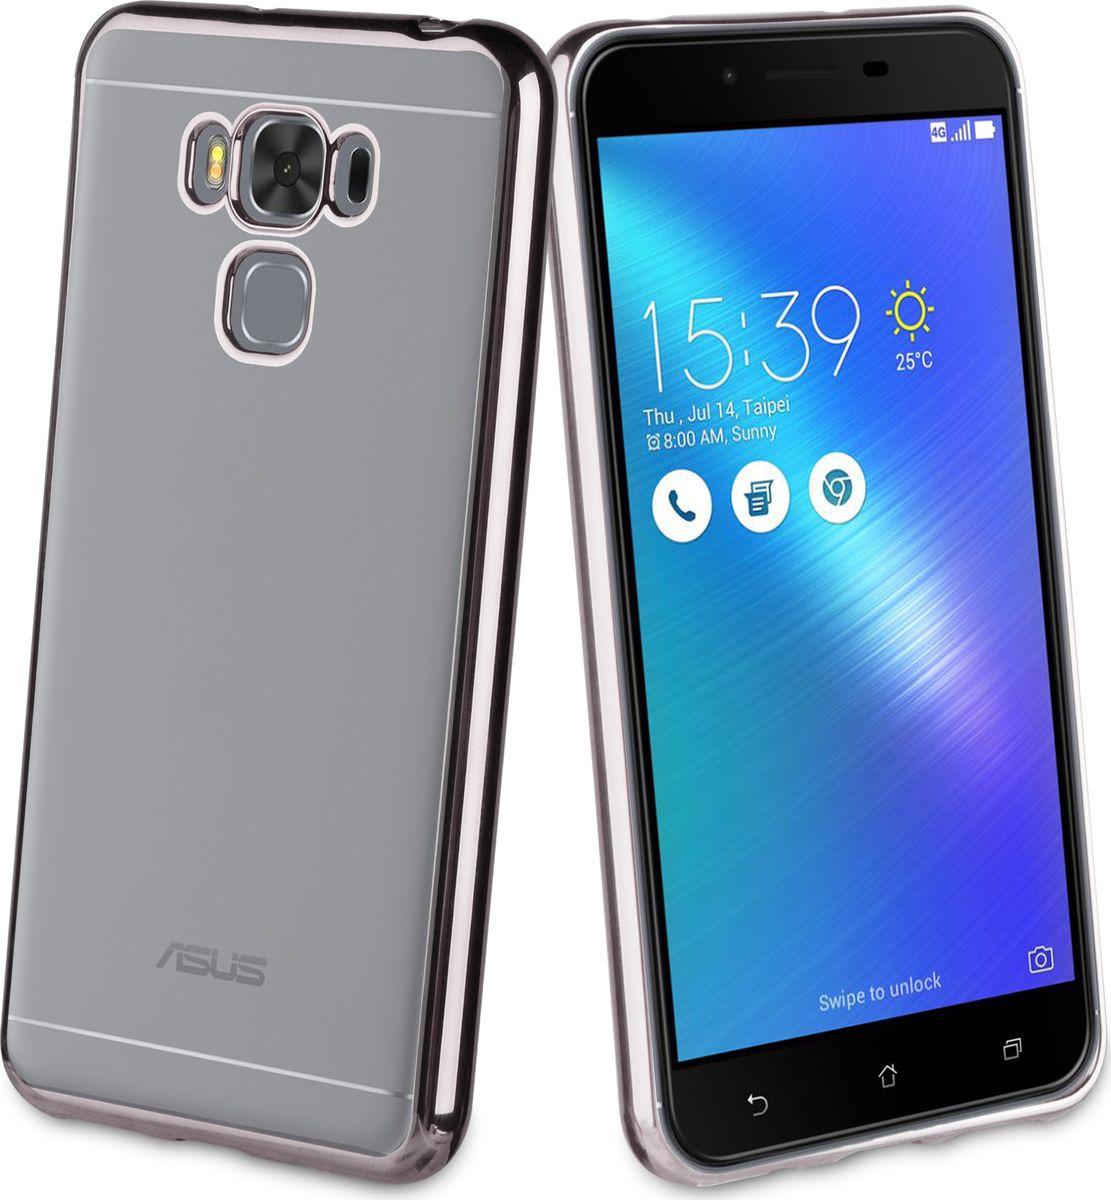 Чехол для сотового телефона Muvit Bling Case для ASUS Zenfone 3 Max (ZC553KL), MLBKC0182, металлик zc553kl 4h112ru